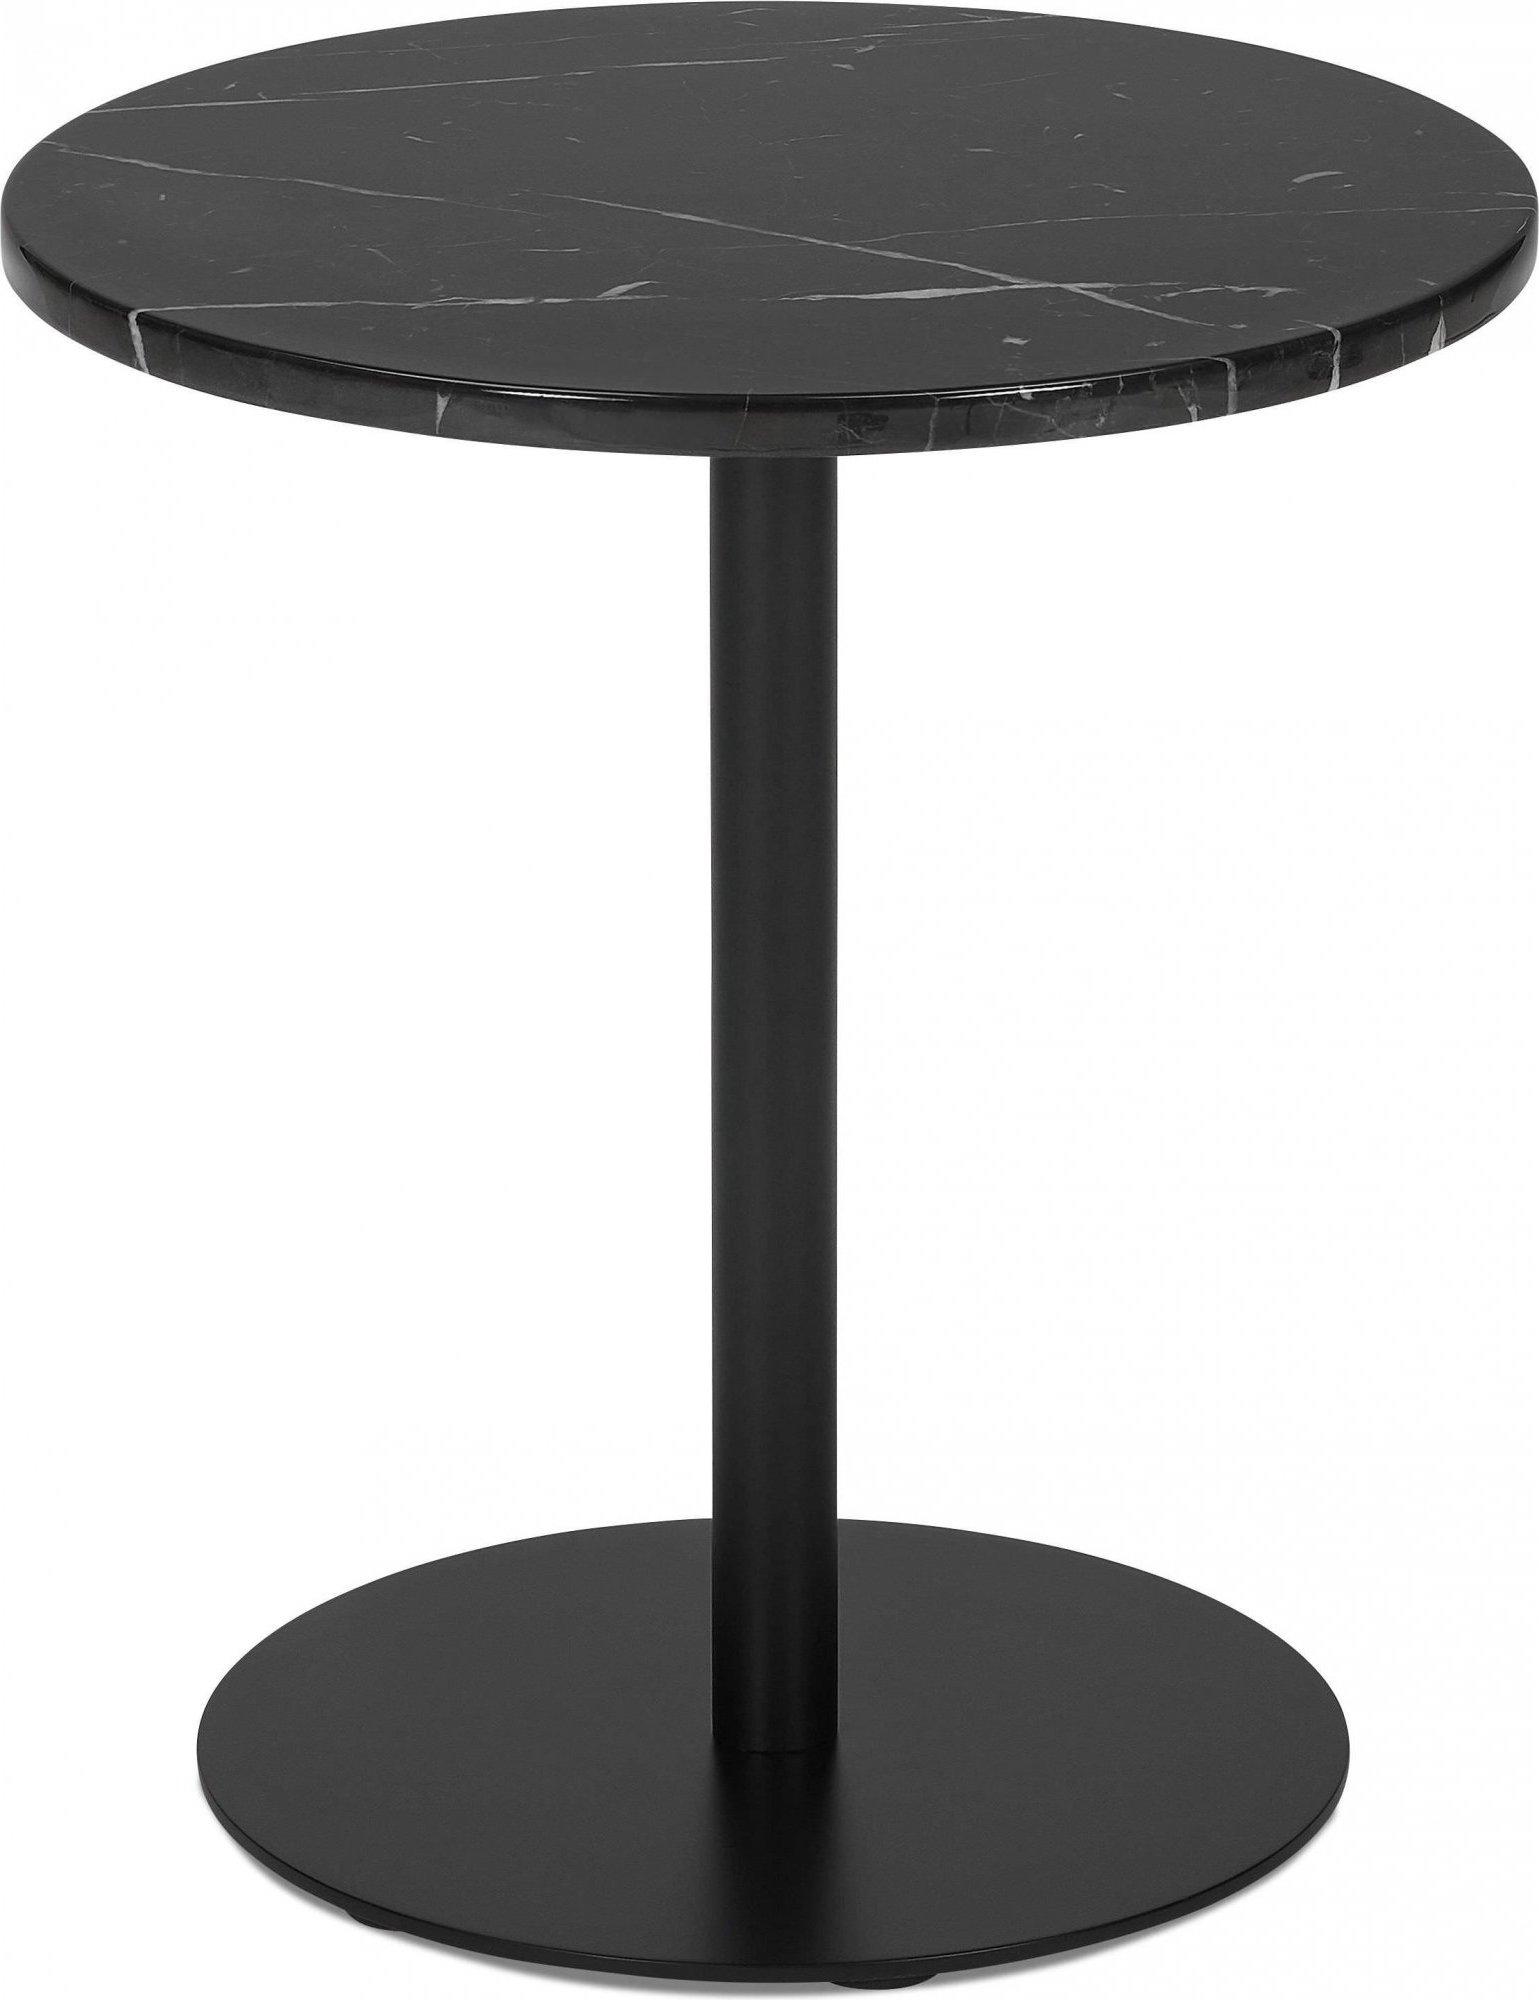 Table basse design ronde couleur noir d45cm